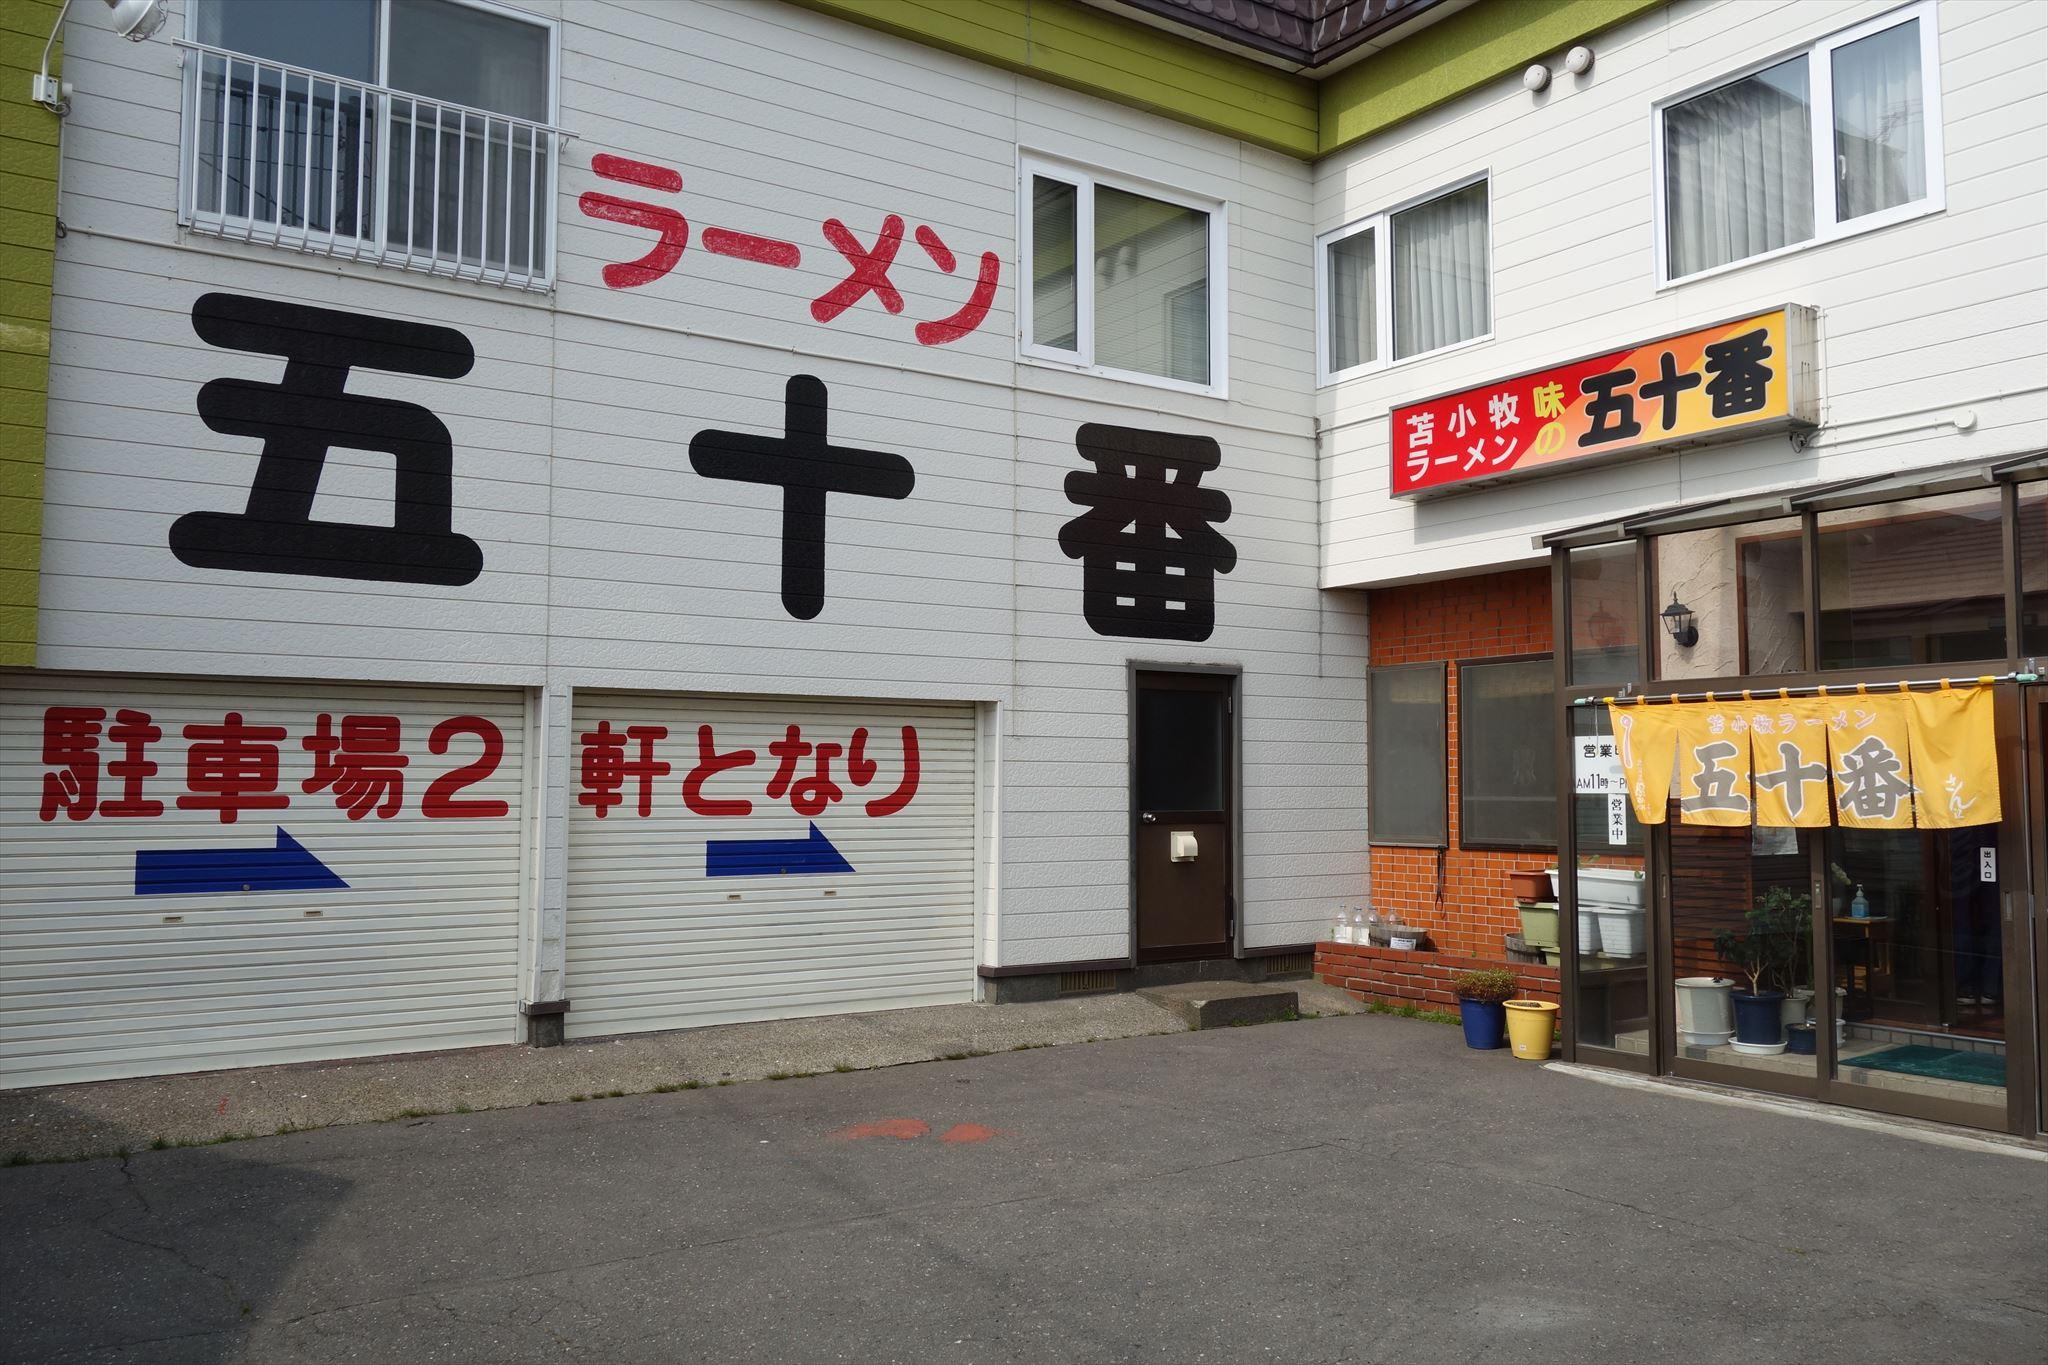 北海道うまいみせ「苫小牧 味の五十番」ラーメン